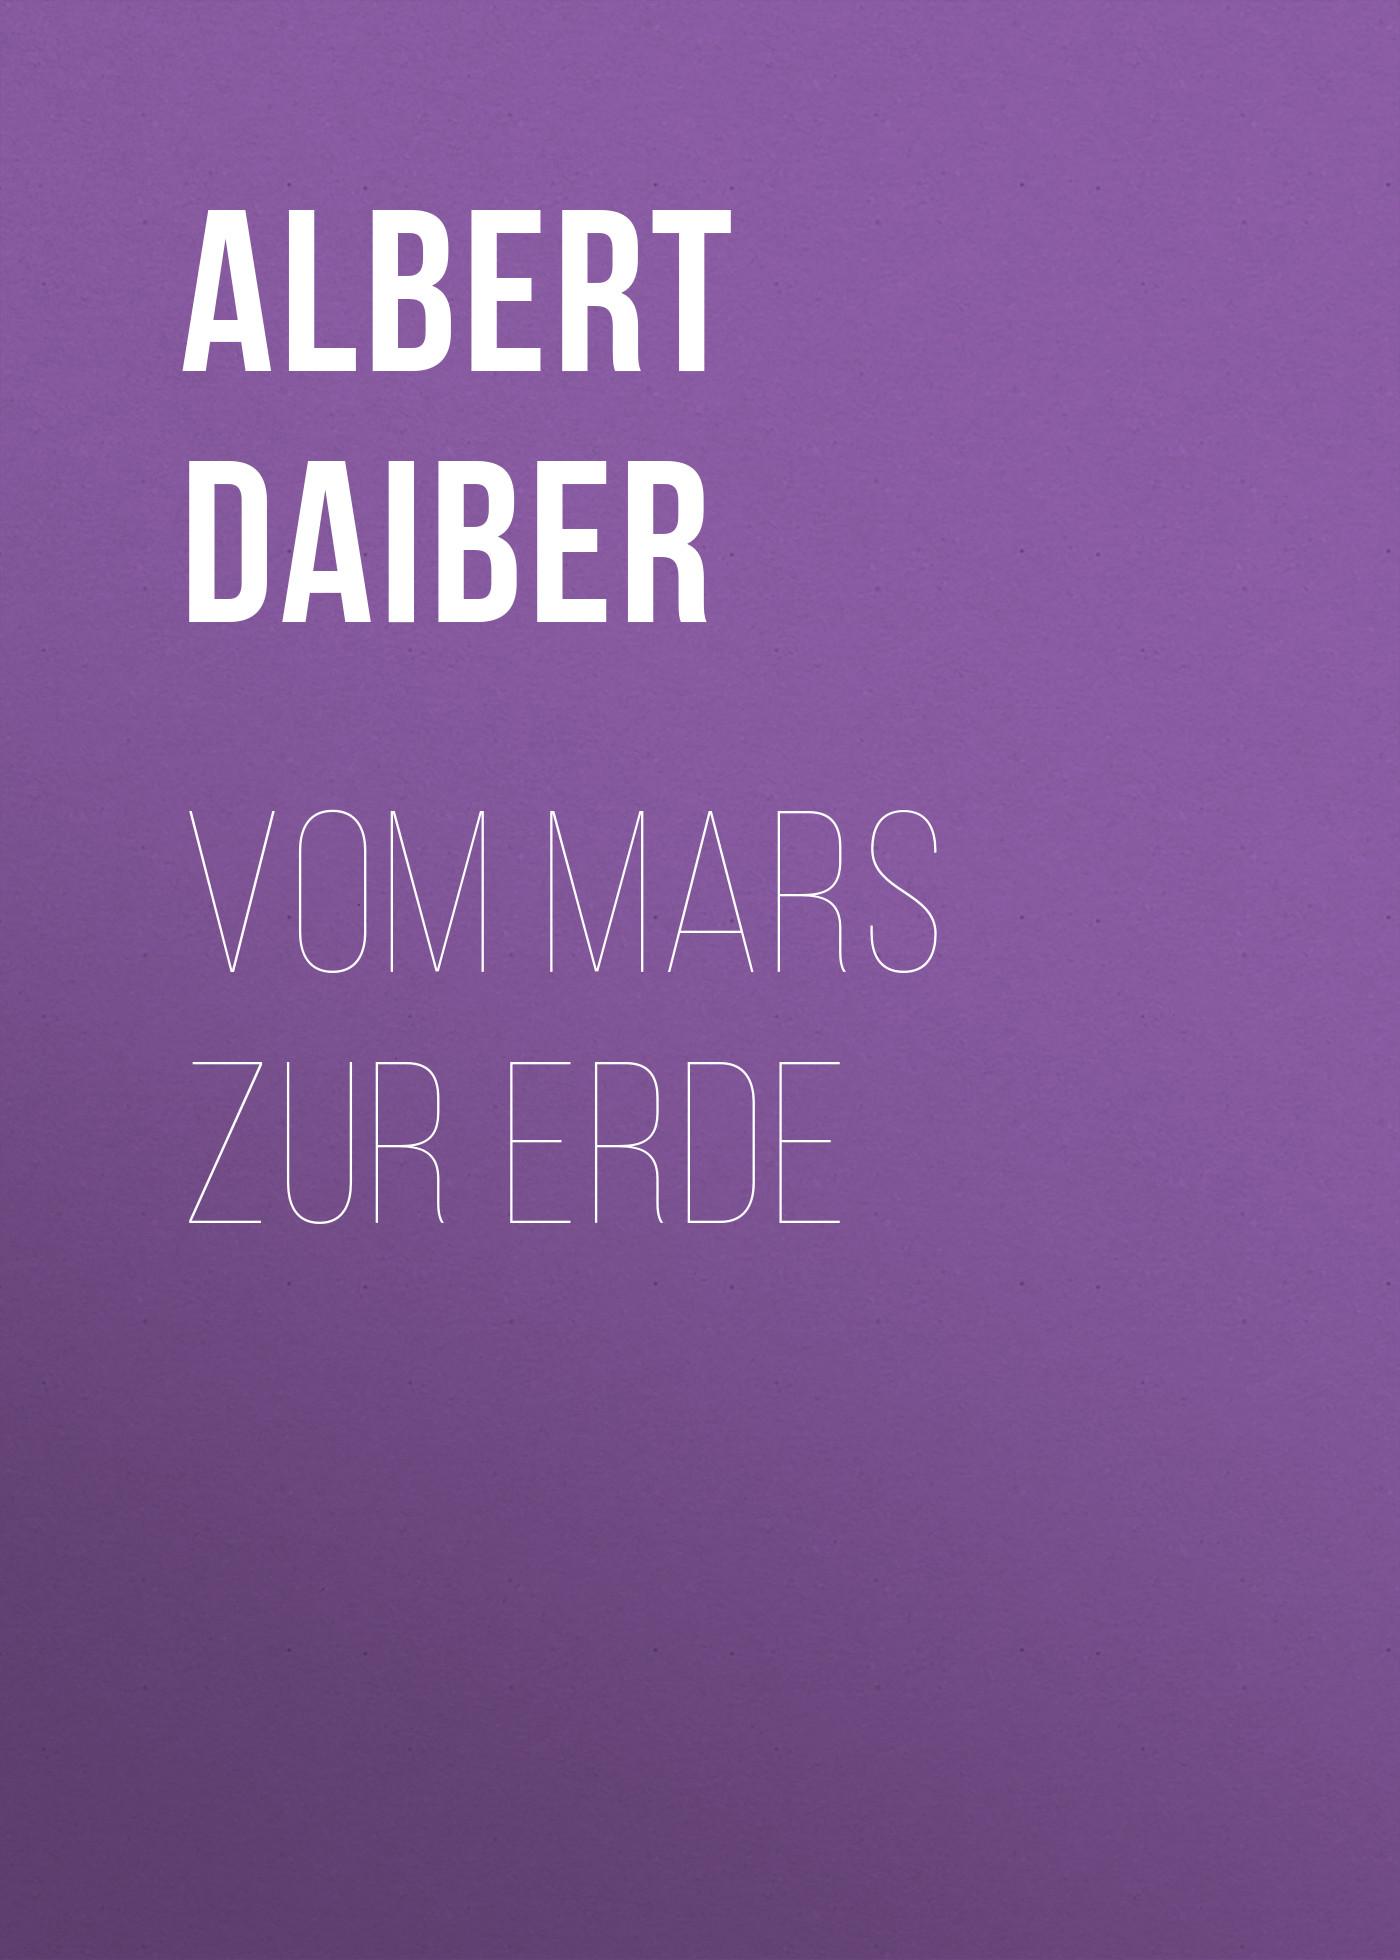 цена Albert Daiber Vom Mars zur Erde